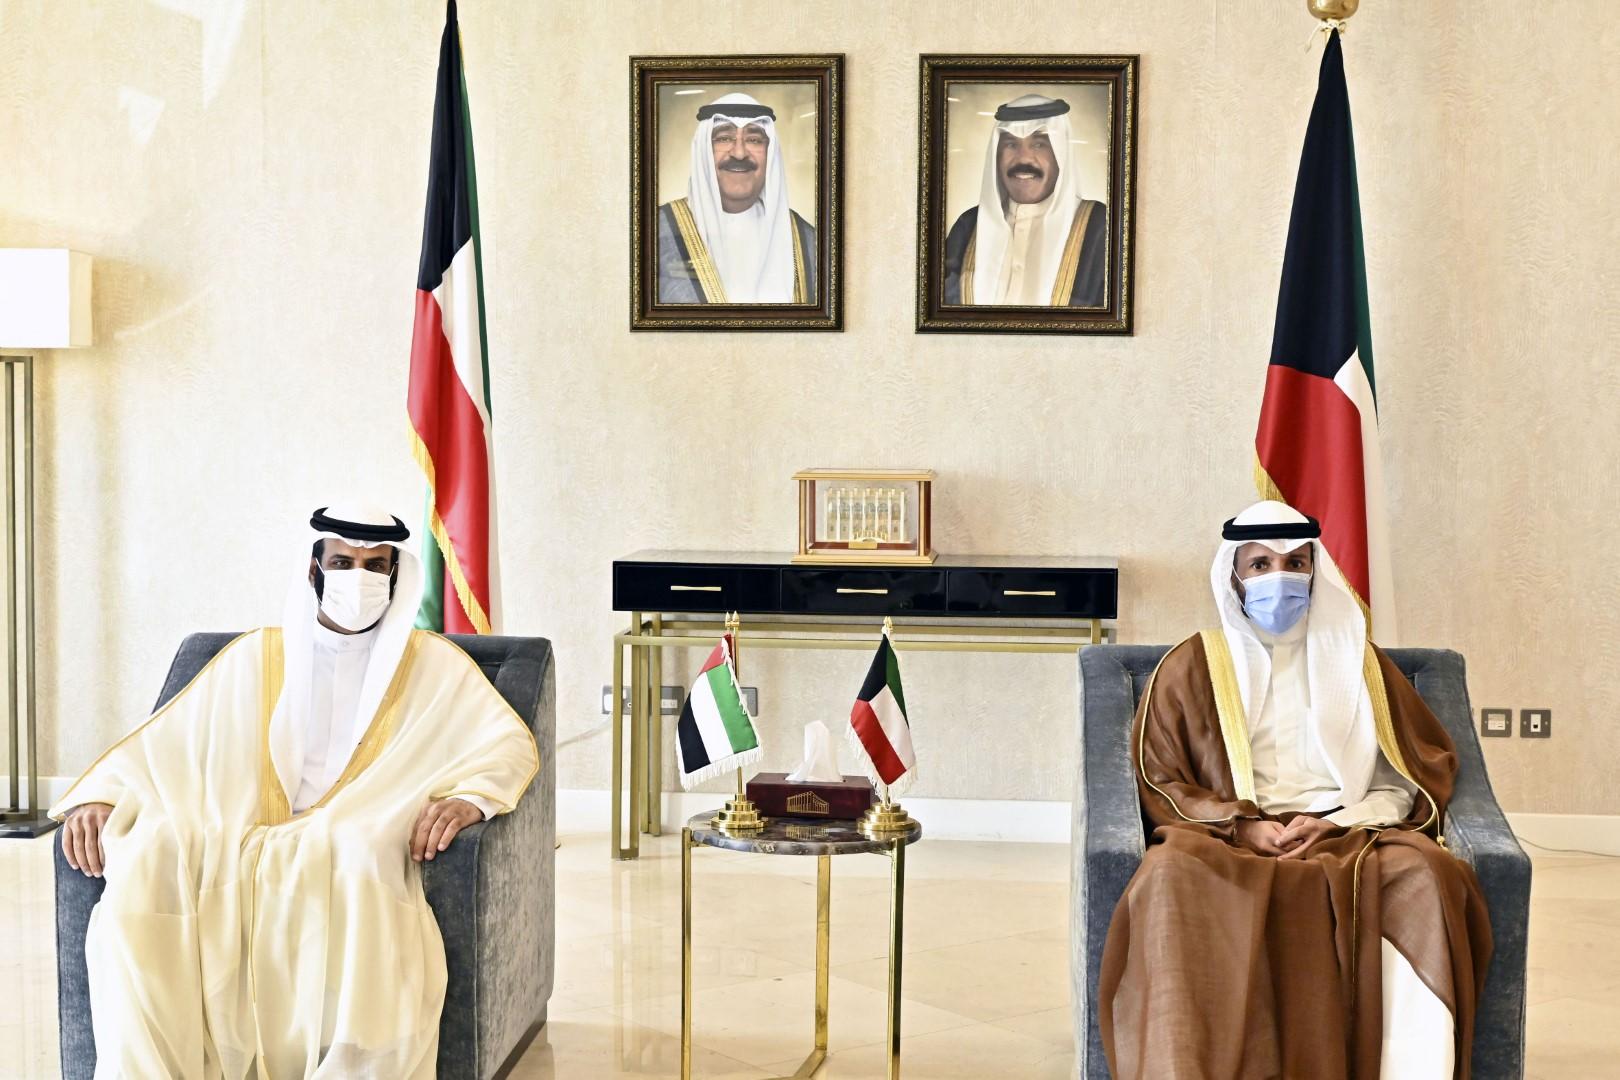 رئيس مجلس الأمة الكويتي يستقبل وفد المجلس الوطني الاتحادي